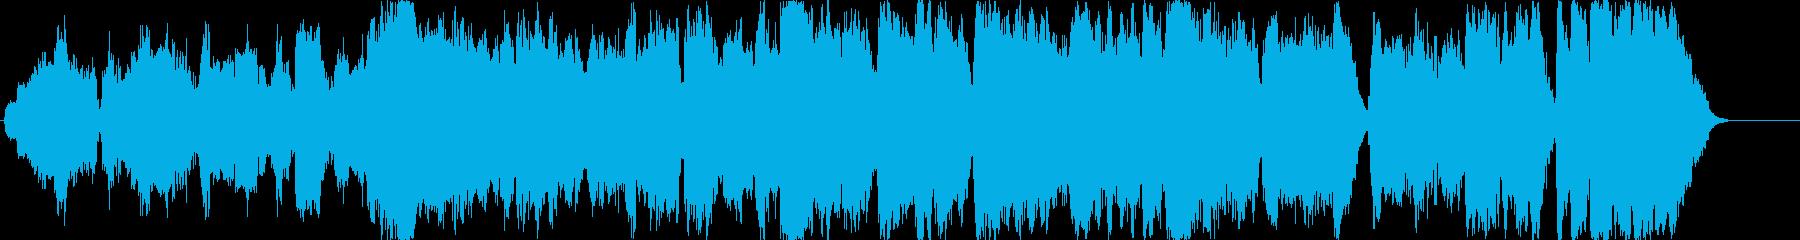 エンディング向き・蛍の光オーケストラ版の再生済みの波形